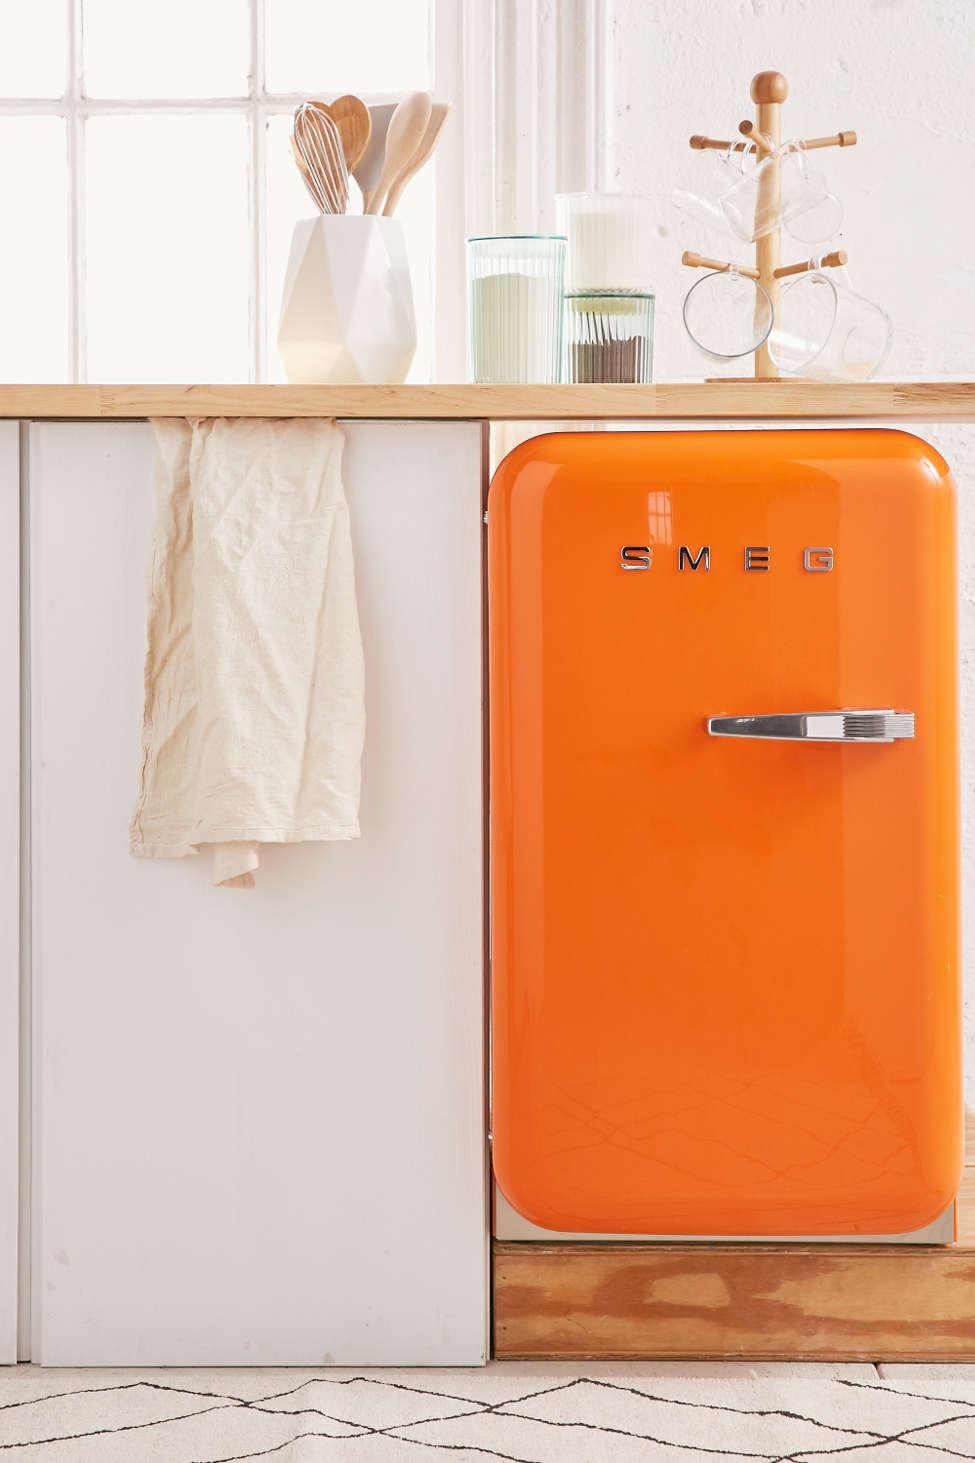 Slide View: 1: SMEG Mini Refrigerator